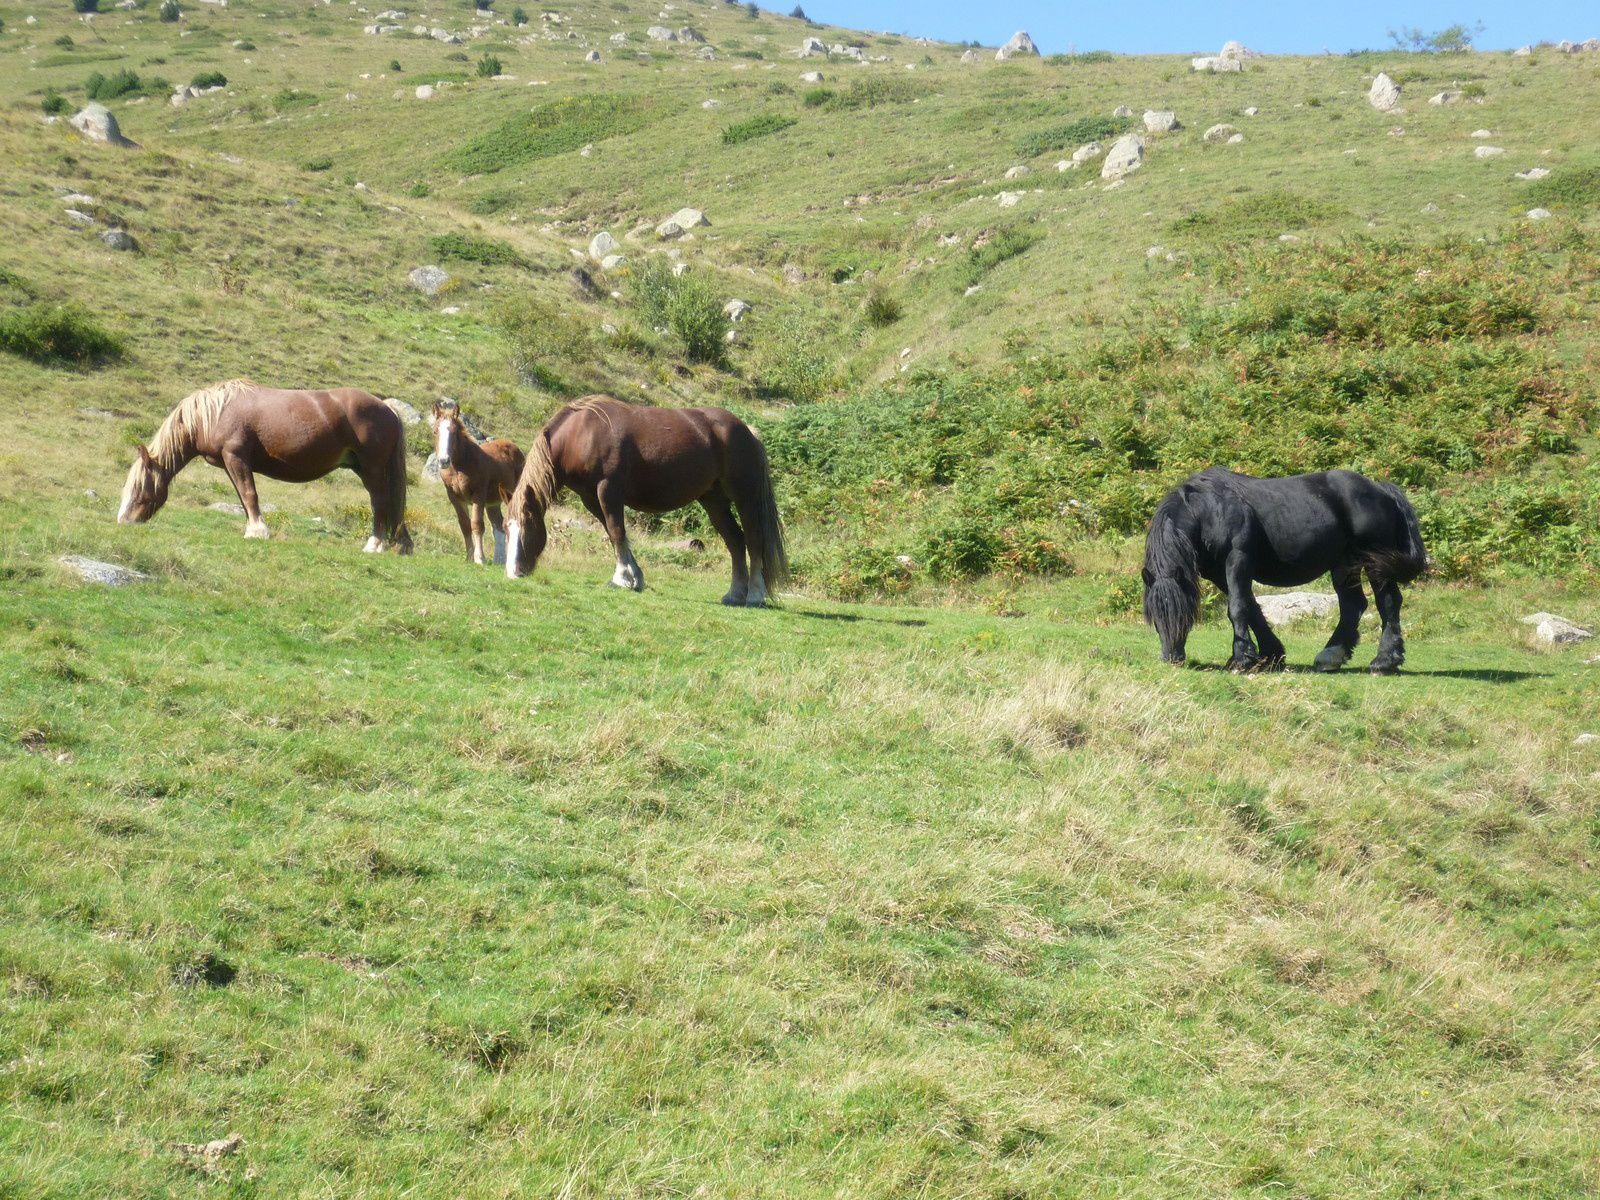 aux premières neiges, ces chevaux redescendront....bonne soirée....... amitiés